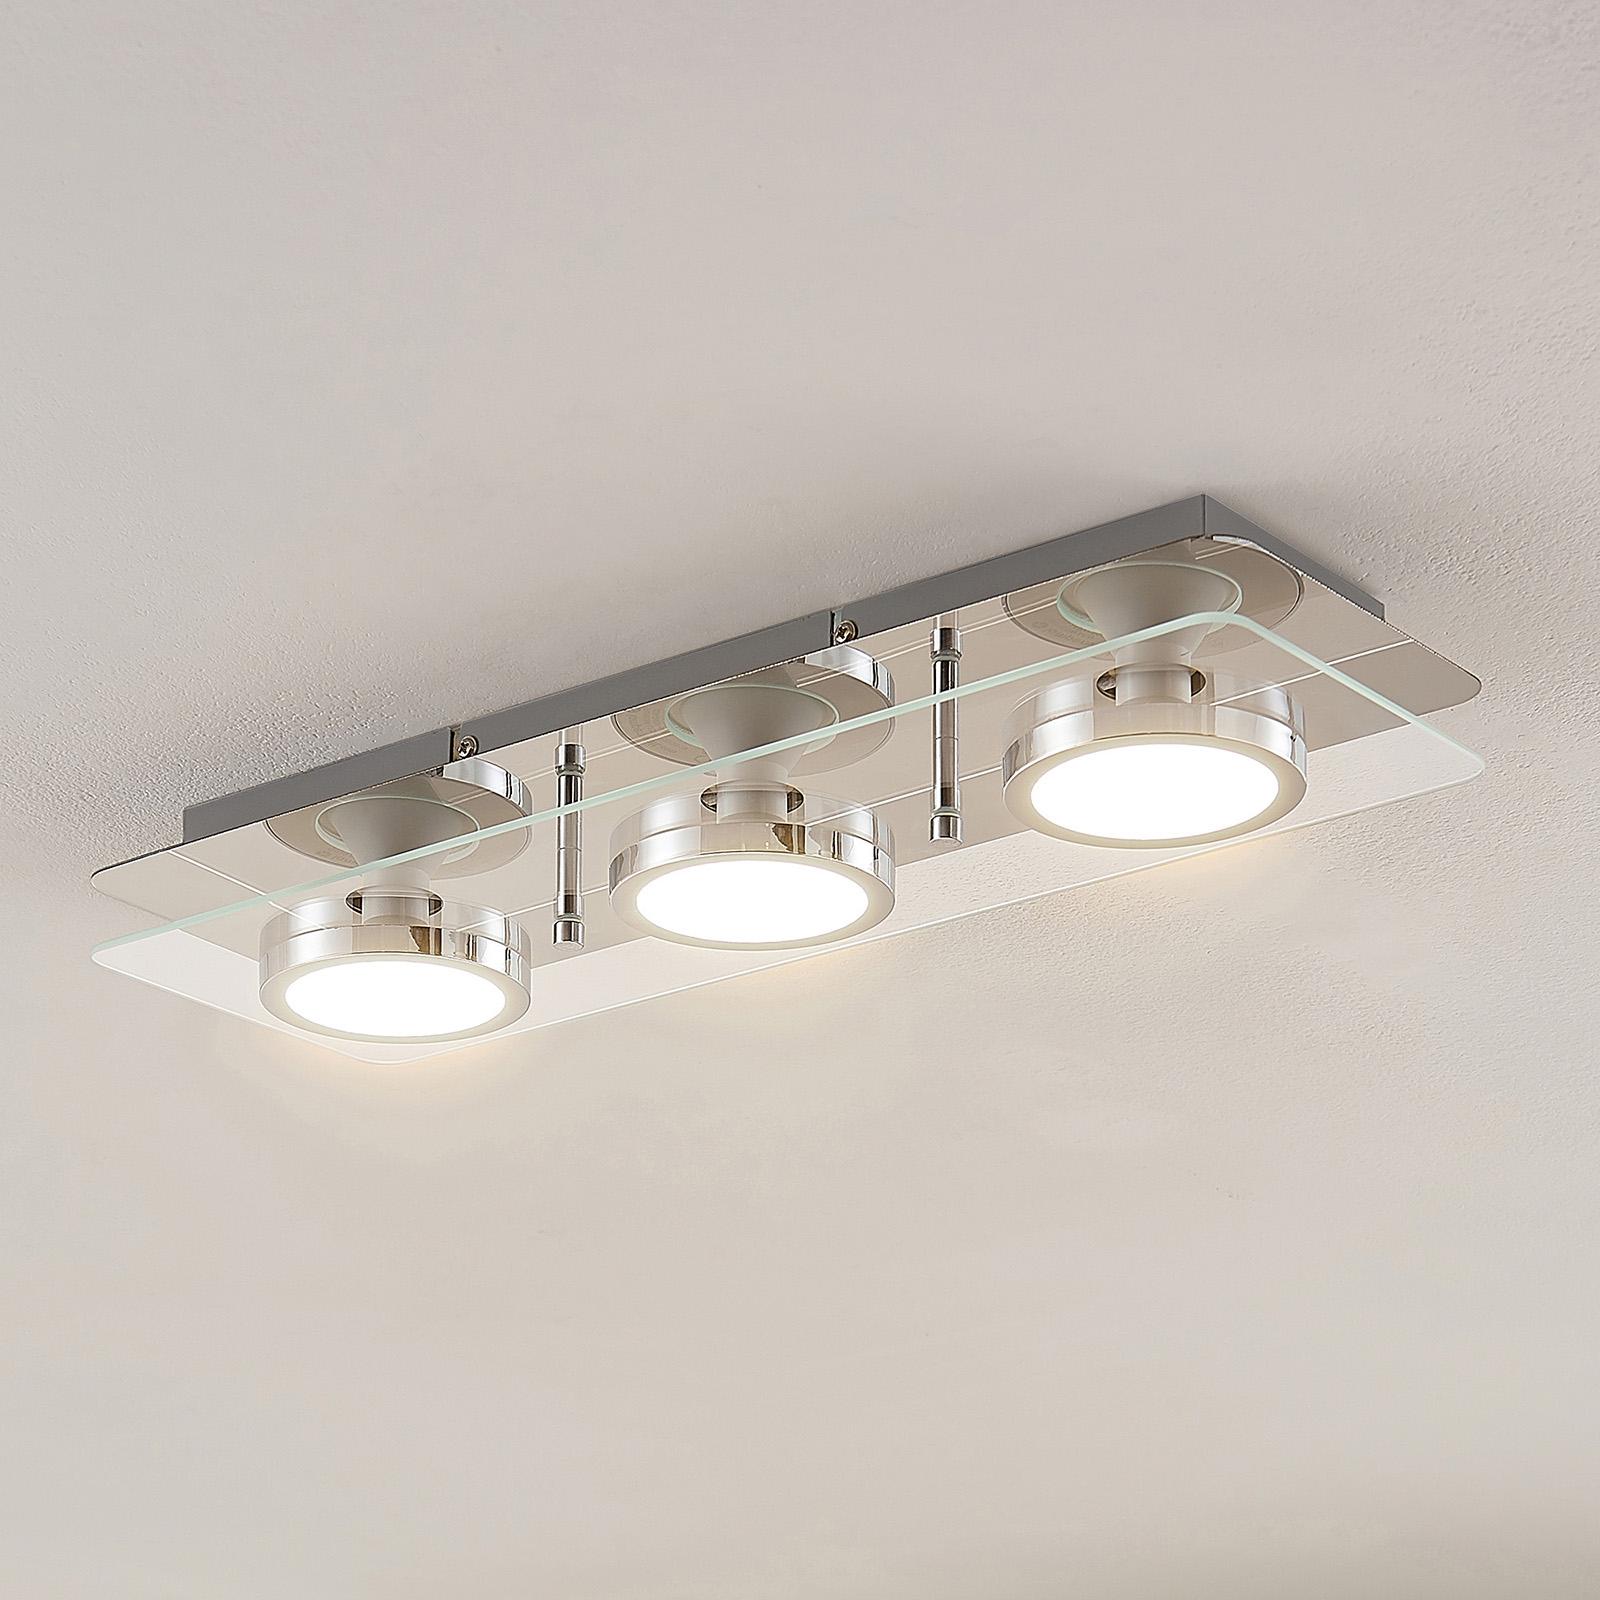 Lindby Gabryl LED-Deckenleuchte, dreiflammig, lang